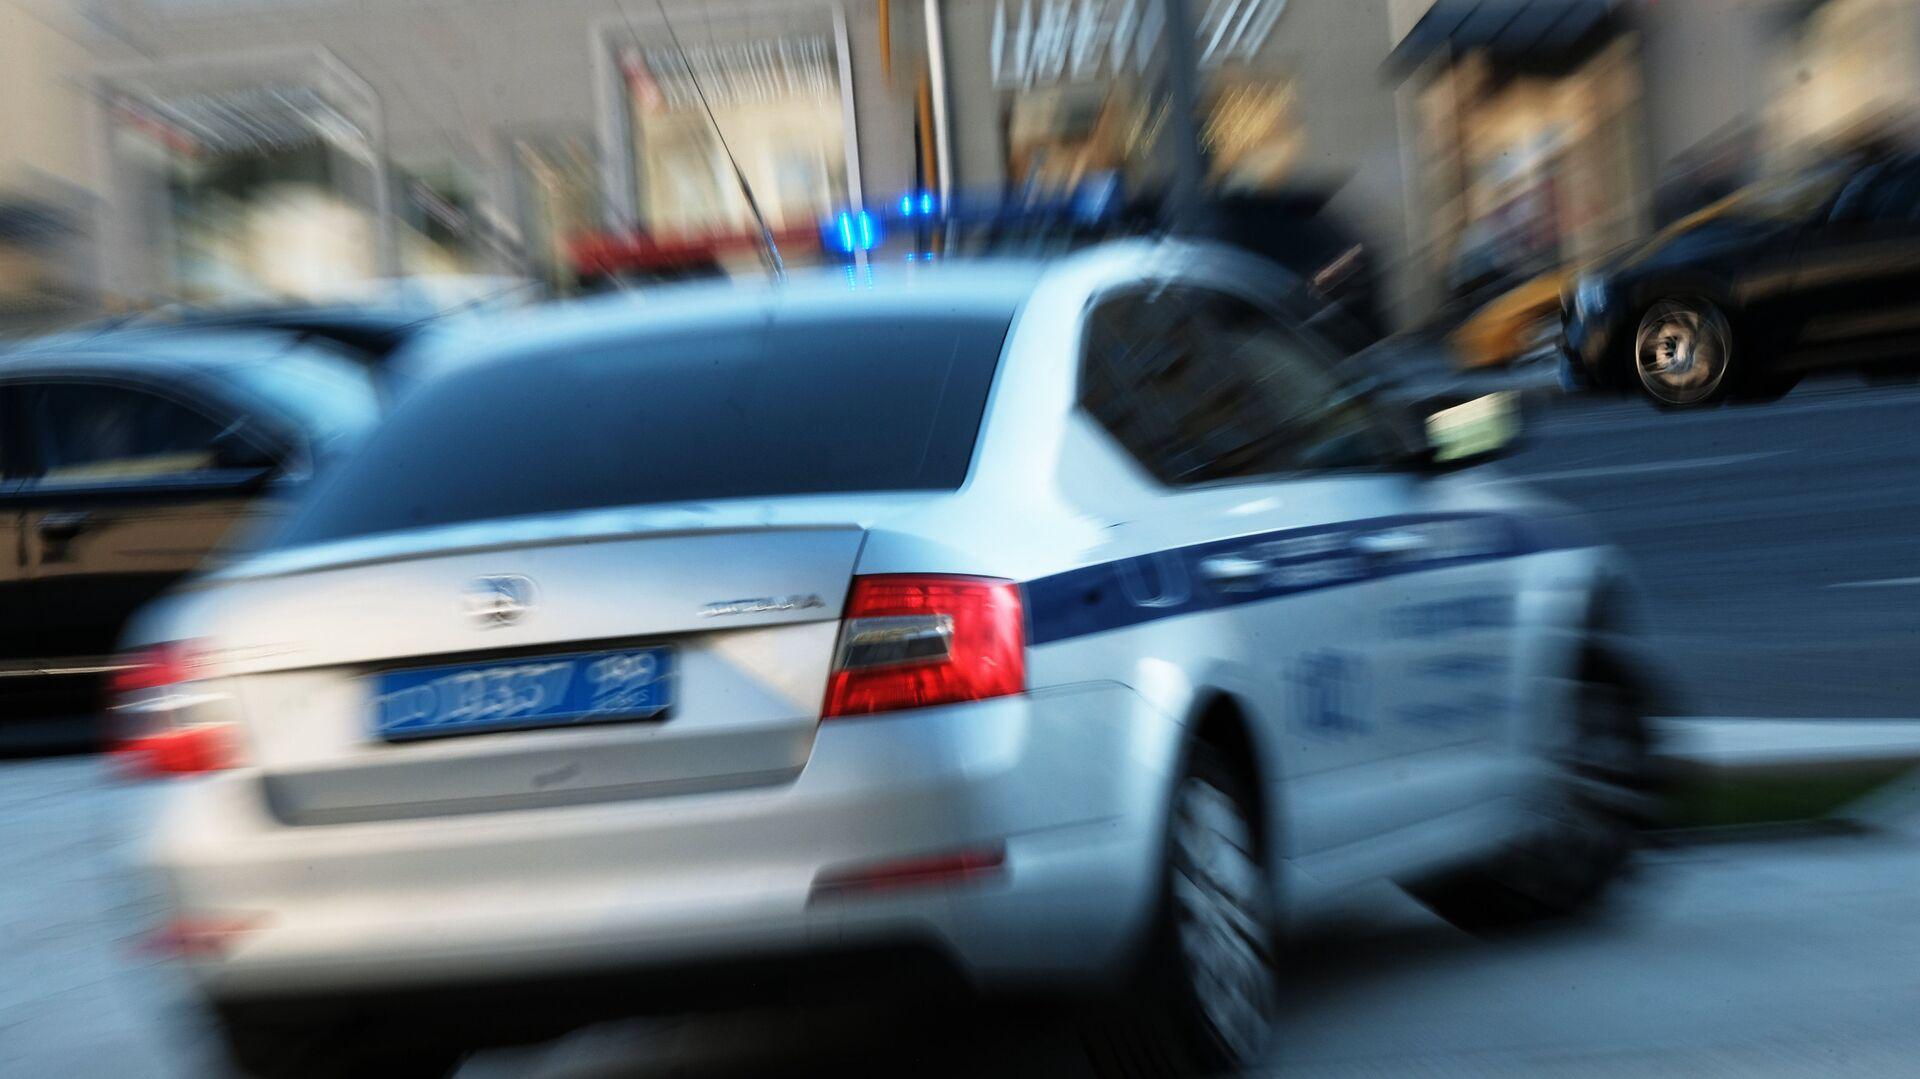 Автомобиль полиции на улице Москвы - РИА Новости, 1920, 06.12.2020